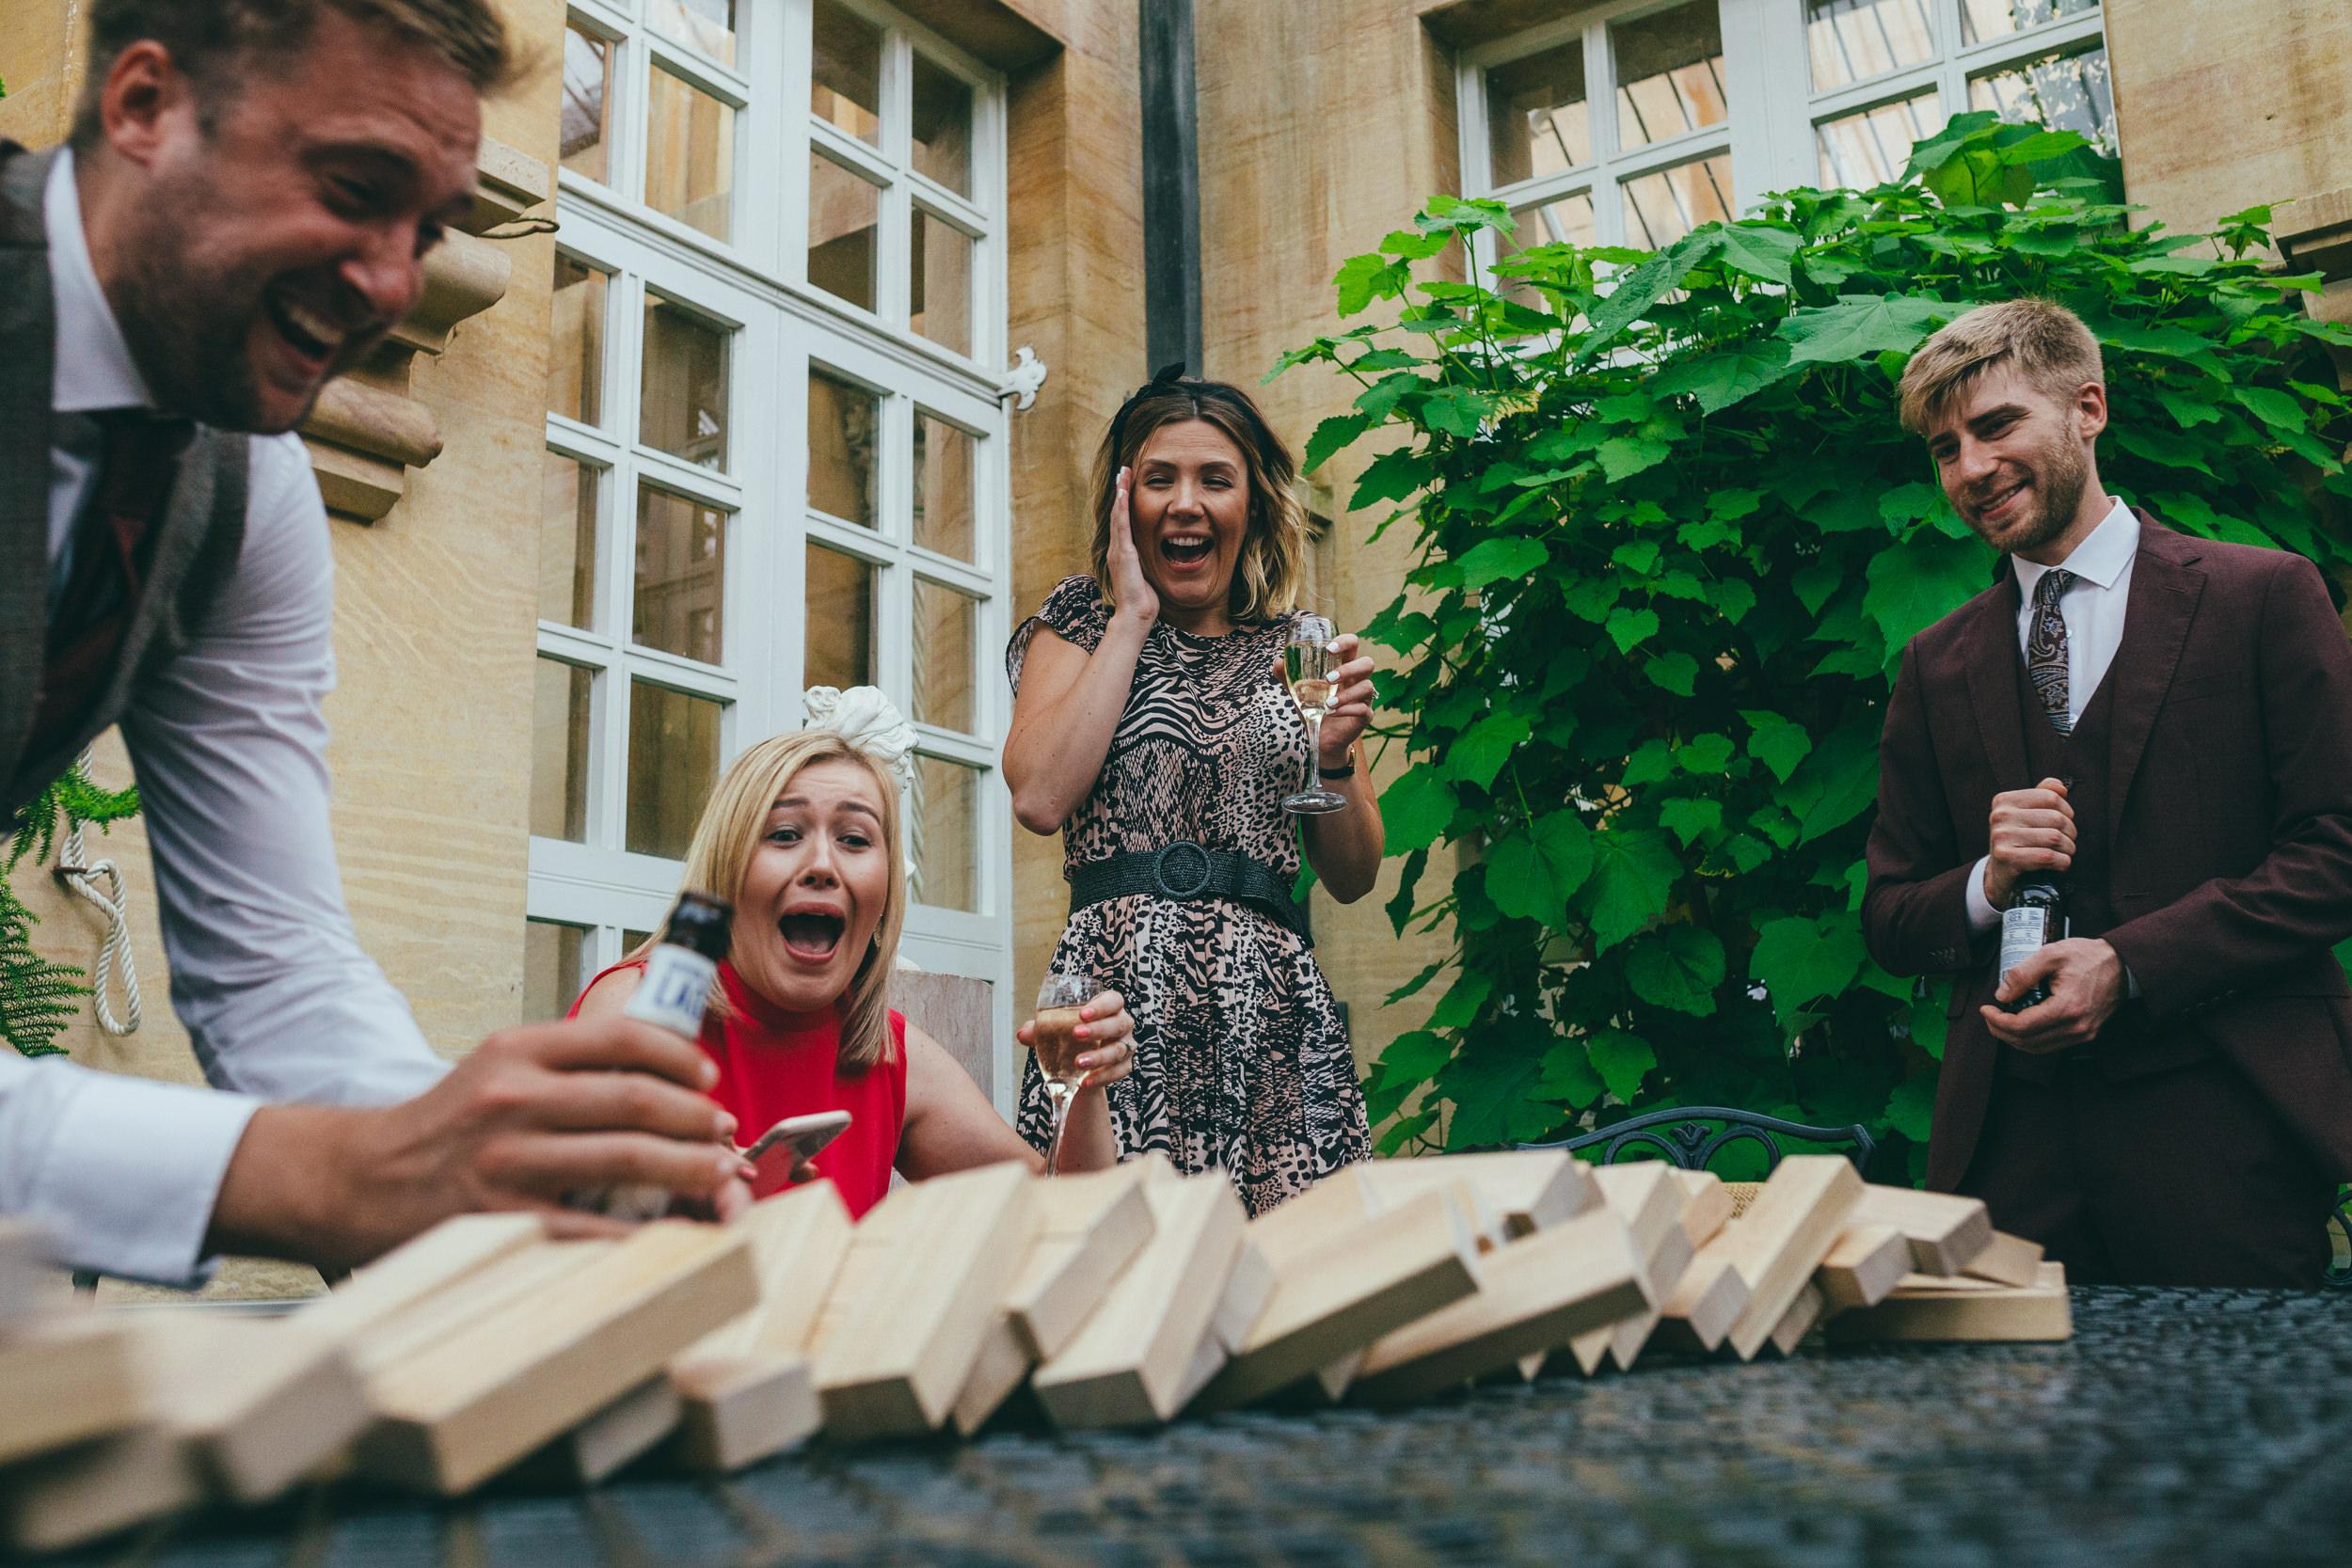 Guests playing Jenga at a wedding at Harlaxton Manor